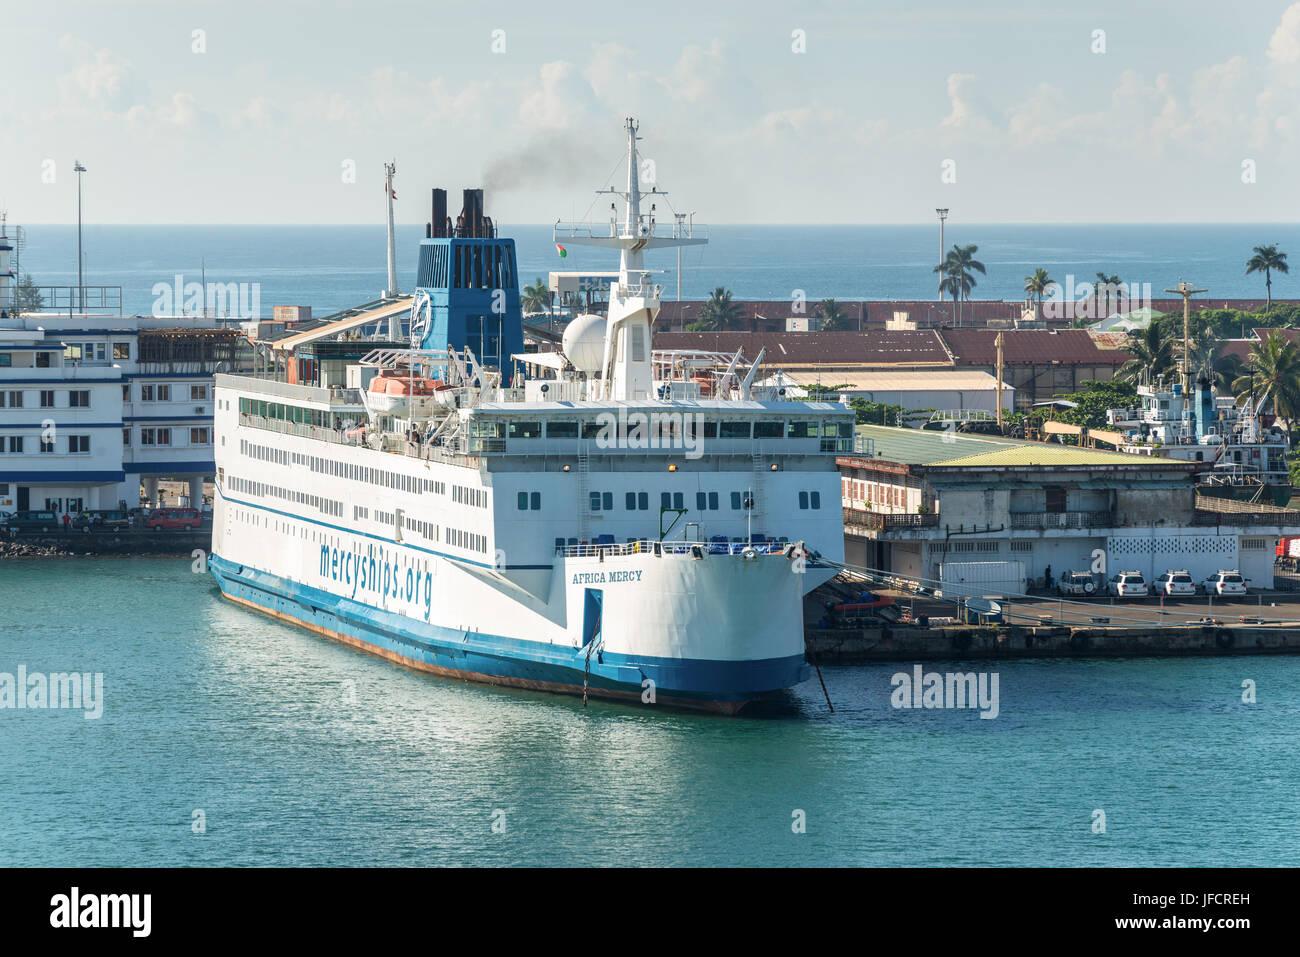 Toamasina madagascar december 22 2017 hospital ship africa toamasina madagascar december 22 2017 hospital ship africa mercy in the port of toamasina tamatave madagascar the africa mercy is currently t stopboris Images